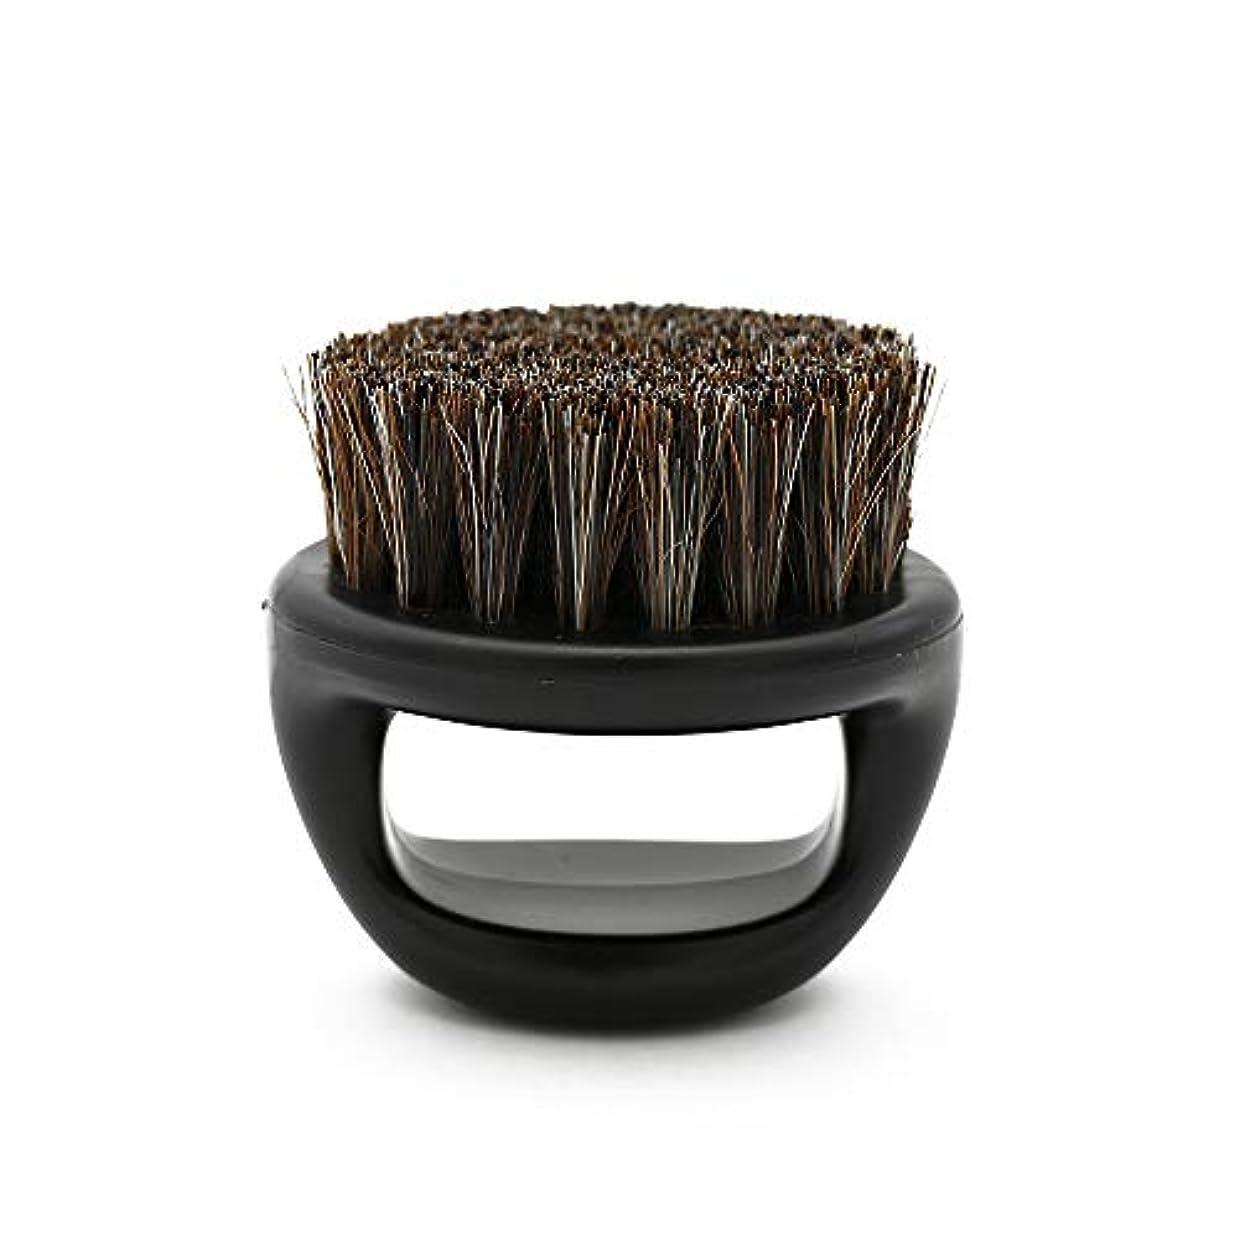 変色するスイ周囲TOOGOO 1個リングデザイン馬毛メンズシェービングブラシプラスチック製の可搬式理容ひげブラシサロンフェイスクリーニングかみそりブラシ(ブラック)